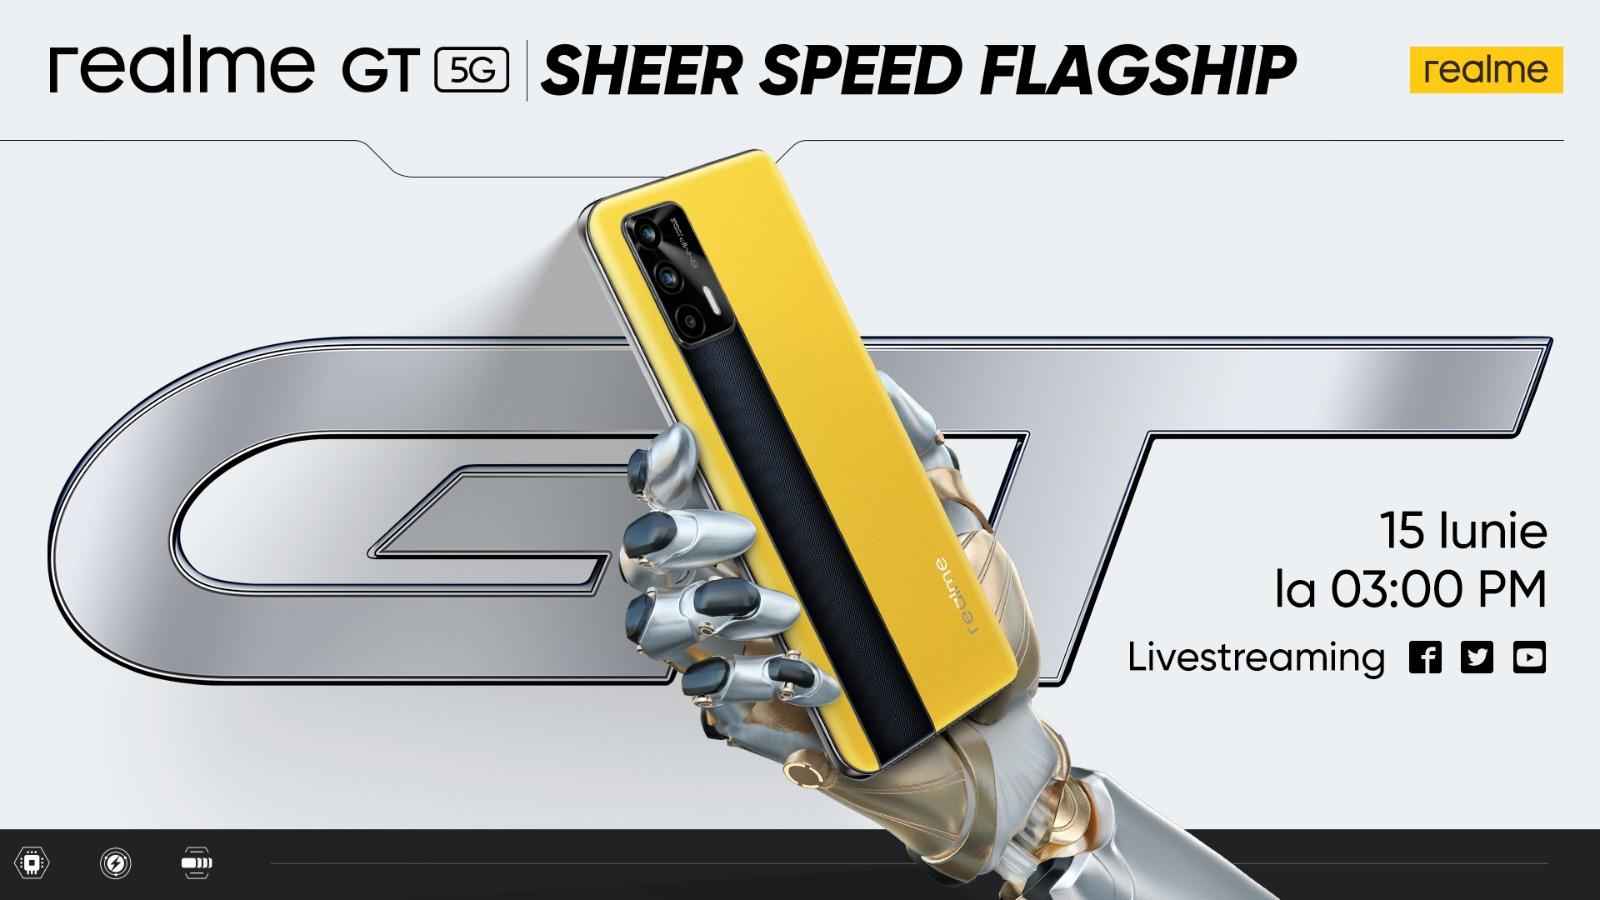 realme anunță lansarea globală pentru realme GT și mai multe produse dintr-o nouă gama AioT